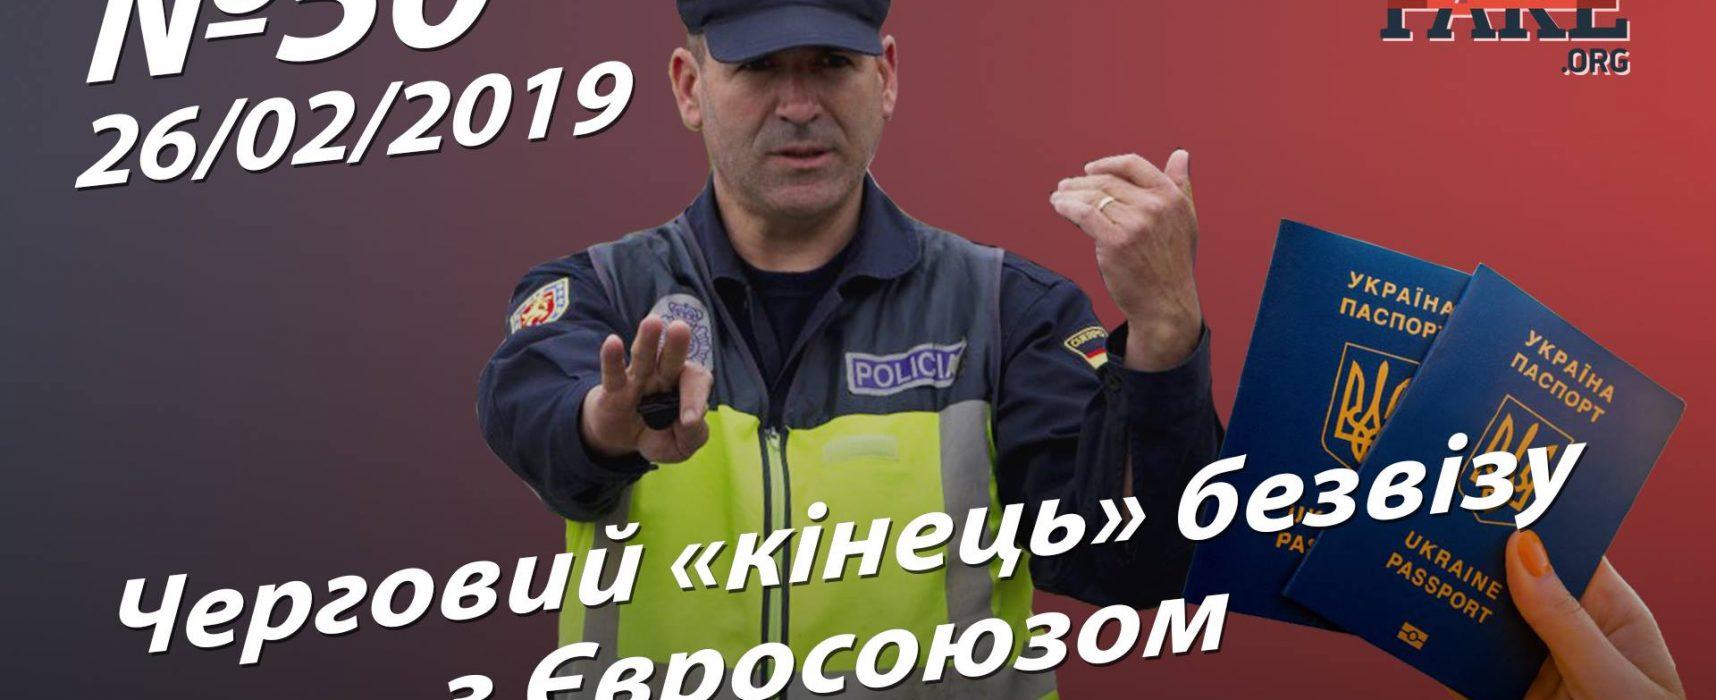 Черговий «кінець» безвізу з Євросоюзом – StopFake.org